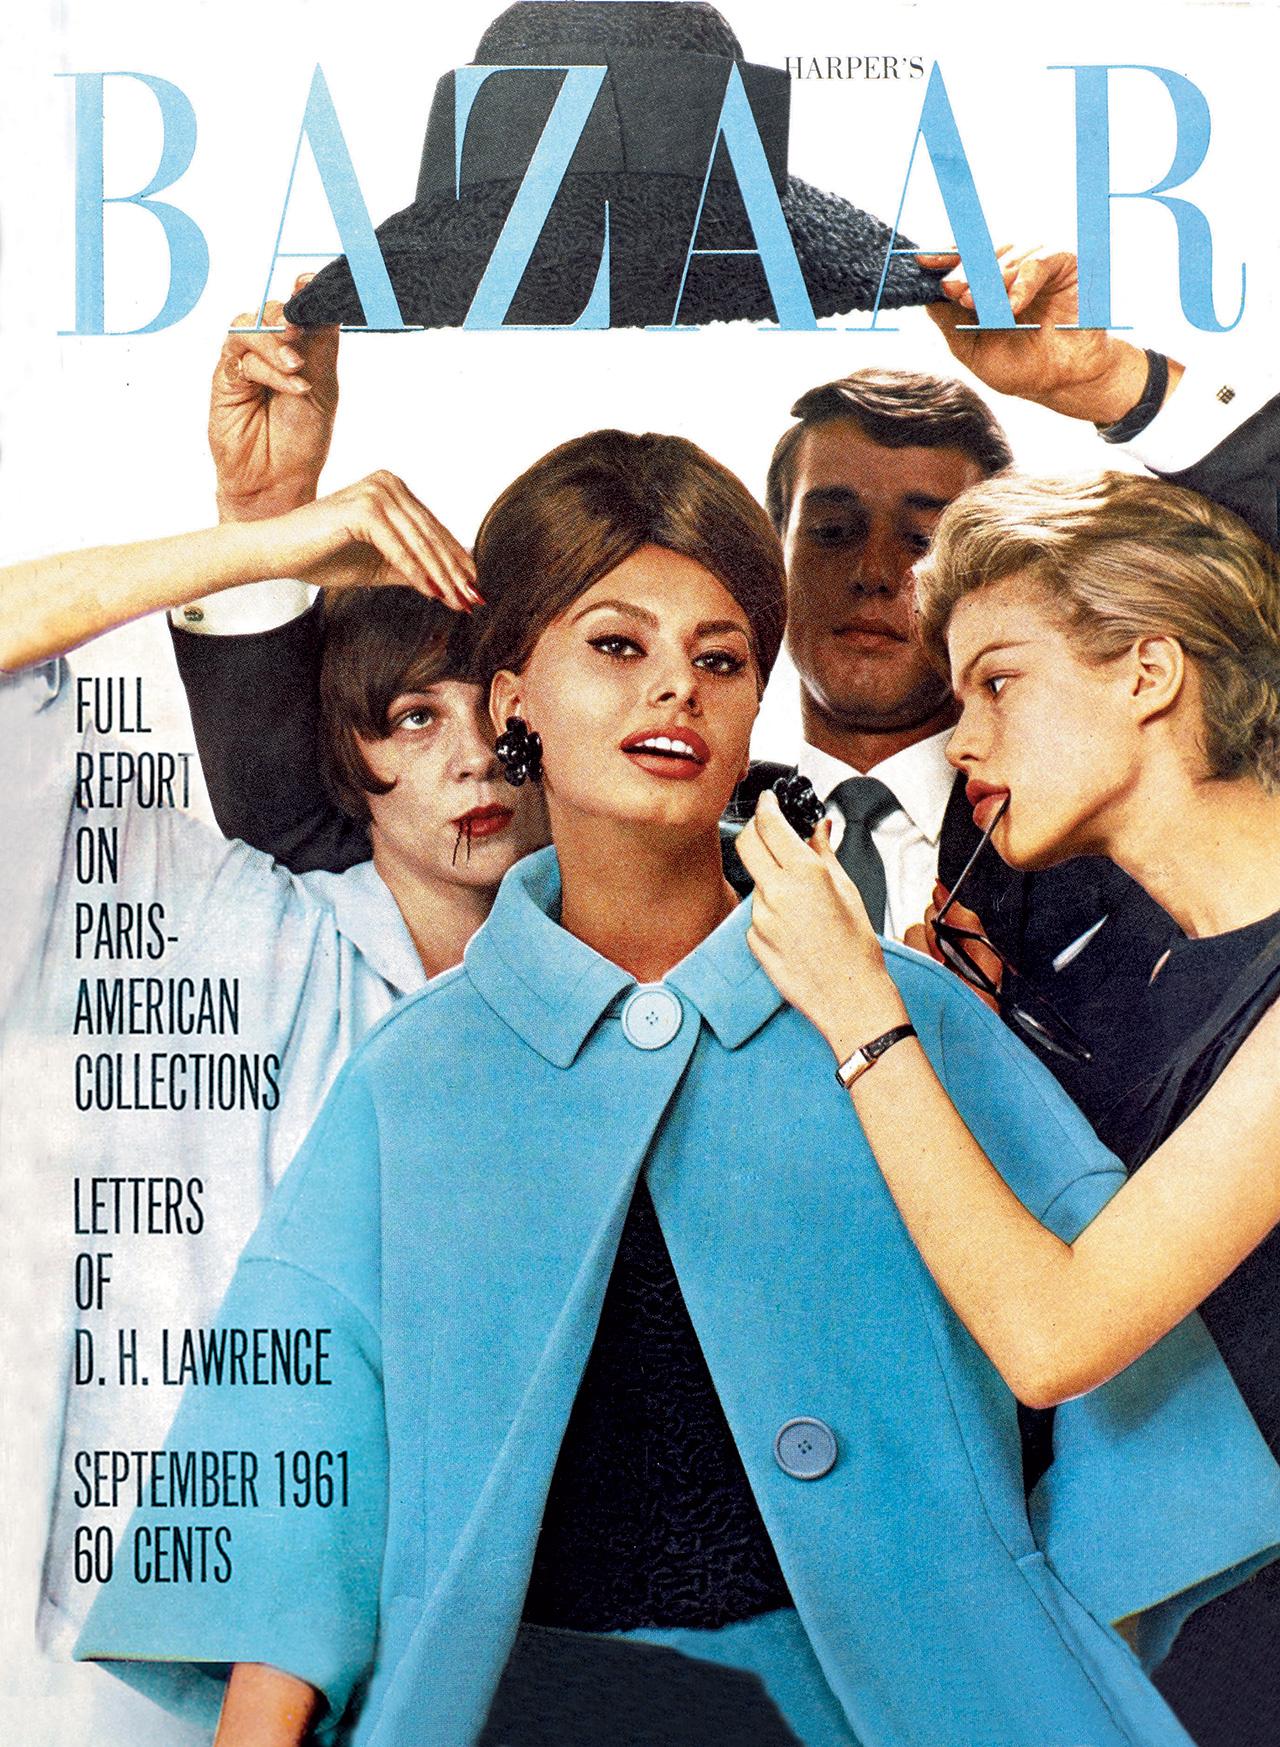 소피아 로렌이 등장한 1961년 9월호 커버